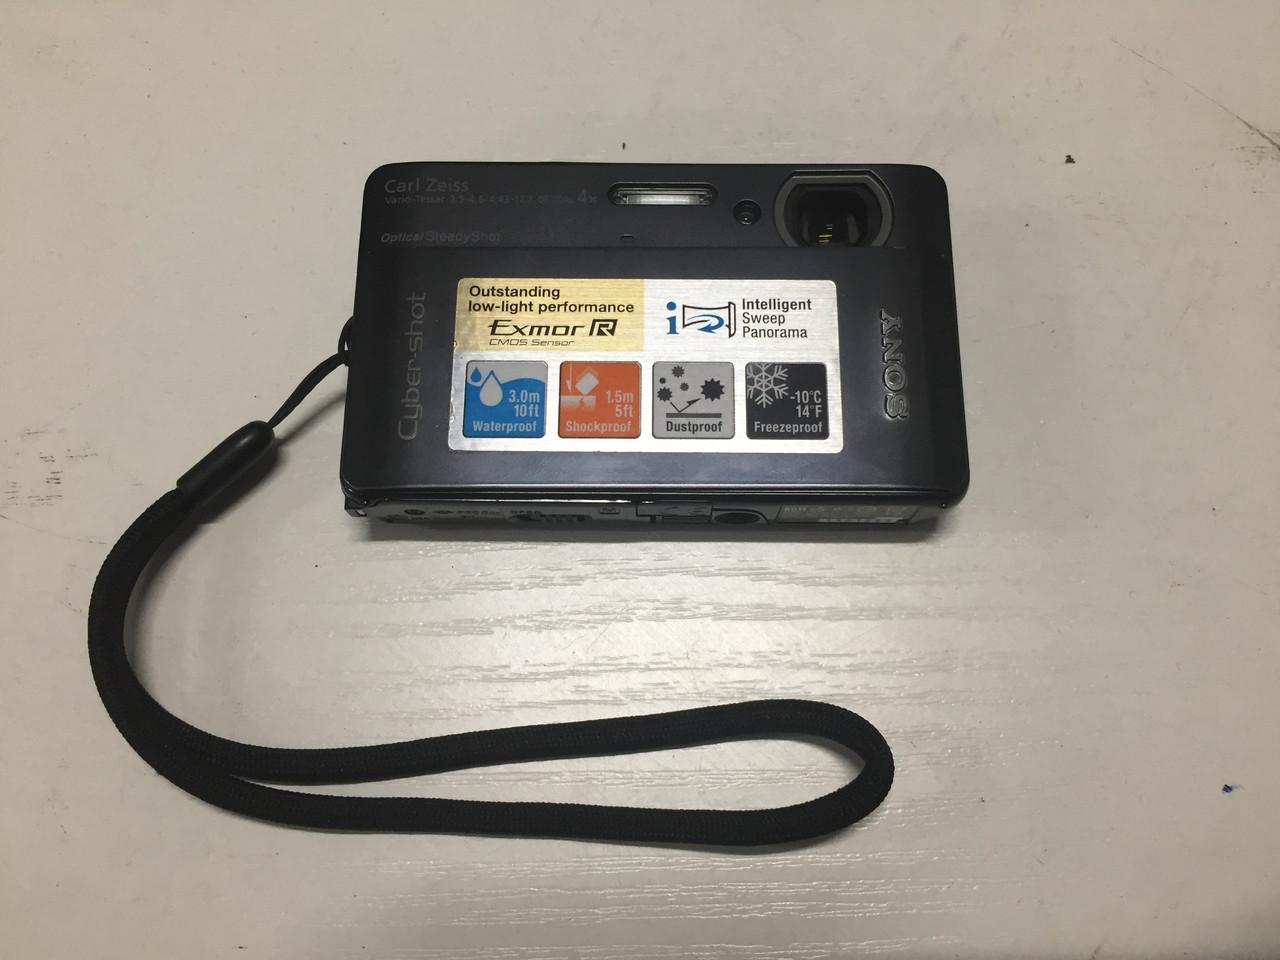 Цифровой фотоаппарат водонепроницаемый Sony DSC-TX5 сенсорный портативный